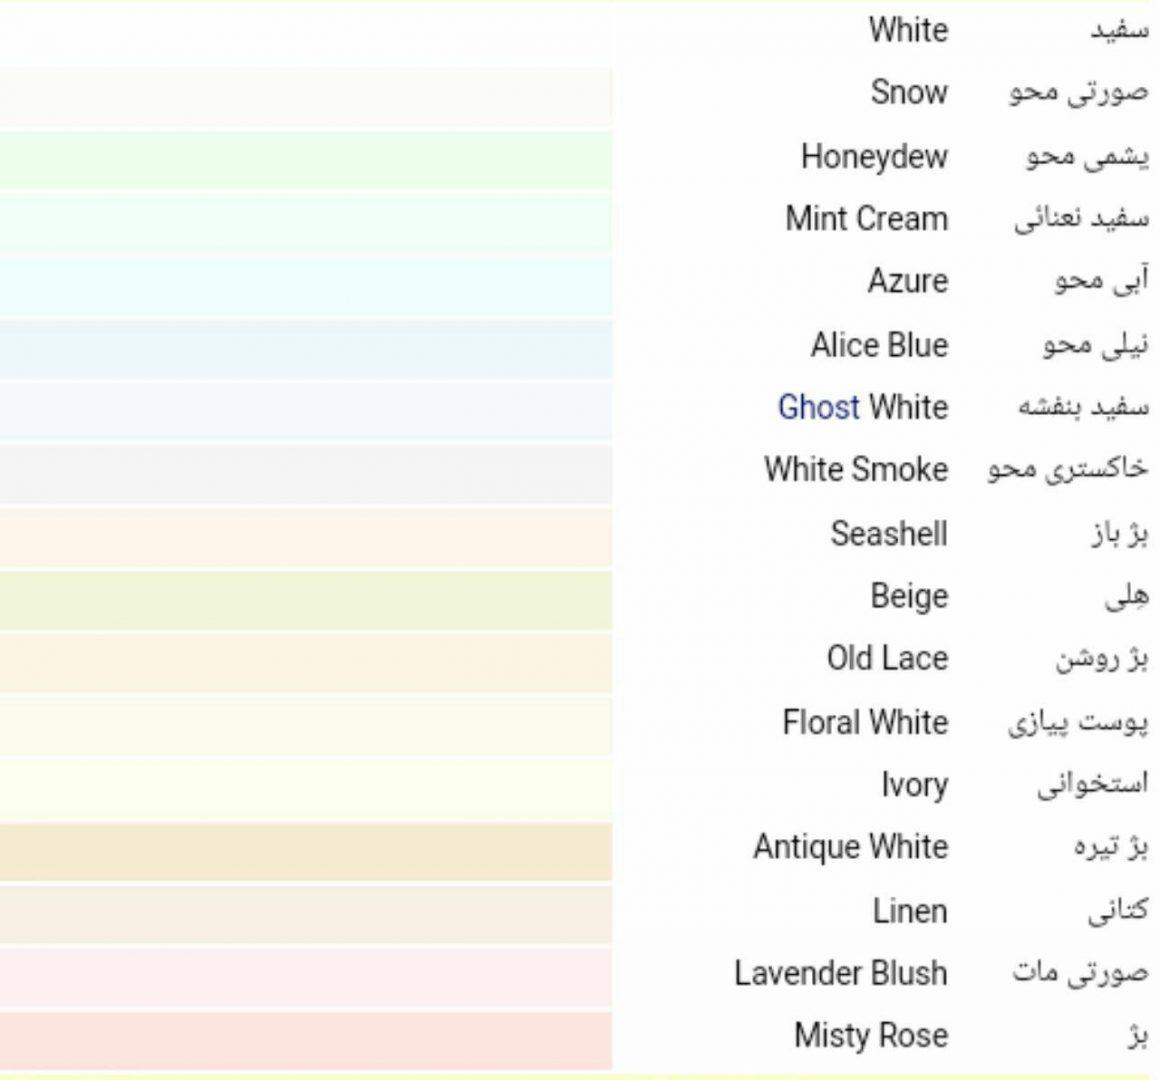 رنگ های اصلی و فرعی